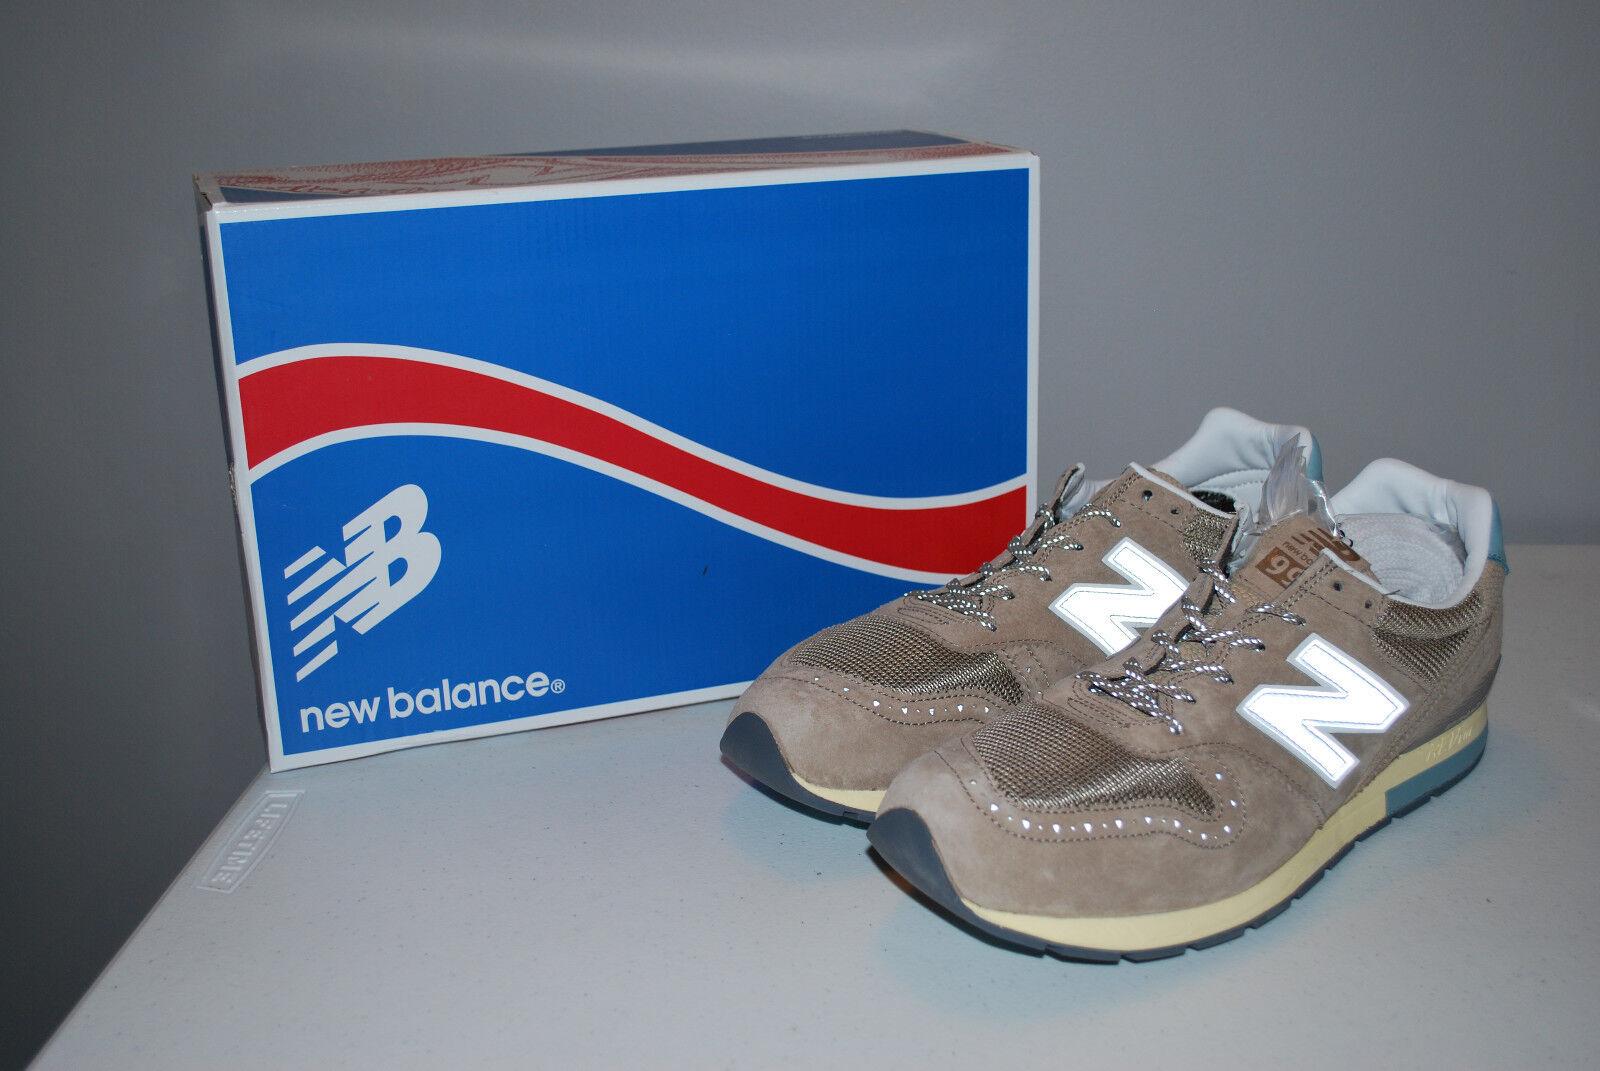 New Balance x Invincible Invincible Invincible  Derby Dress Code  Brogue MRL996IN Deadstock - Größe 12 6293c8